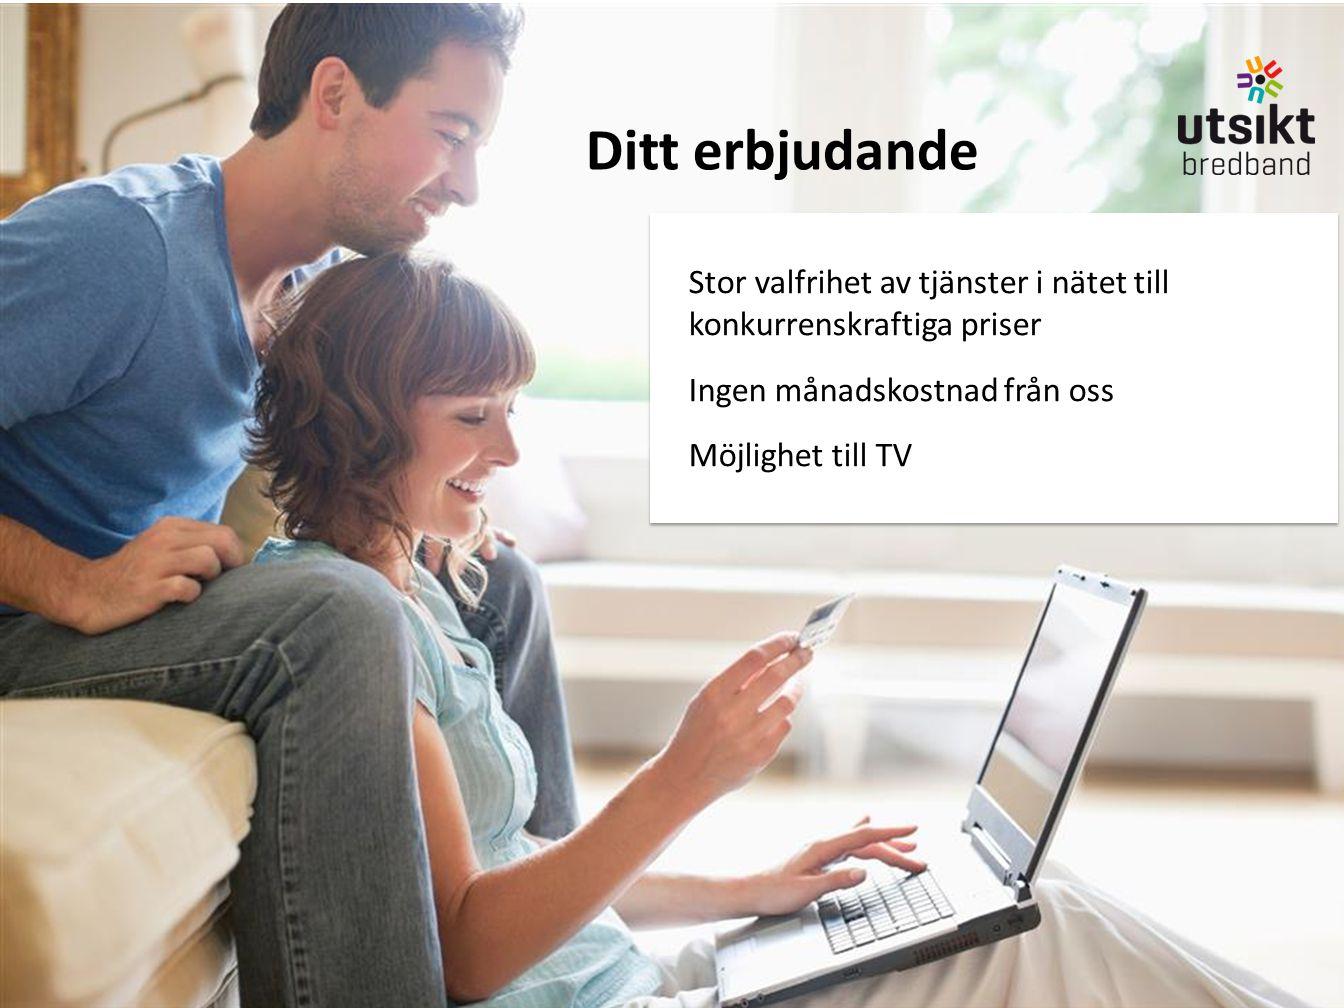 Stor valfrihet av tjänster i nätet till konkurrenskraftiga priser Ingen månadskostnad från oss Möjlighet till TV Stor valfrihet av tjänster i nätet ti